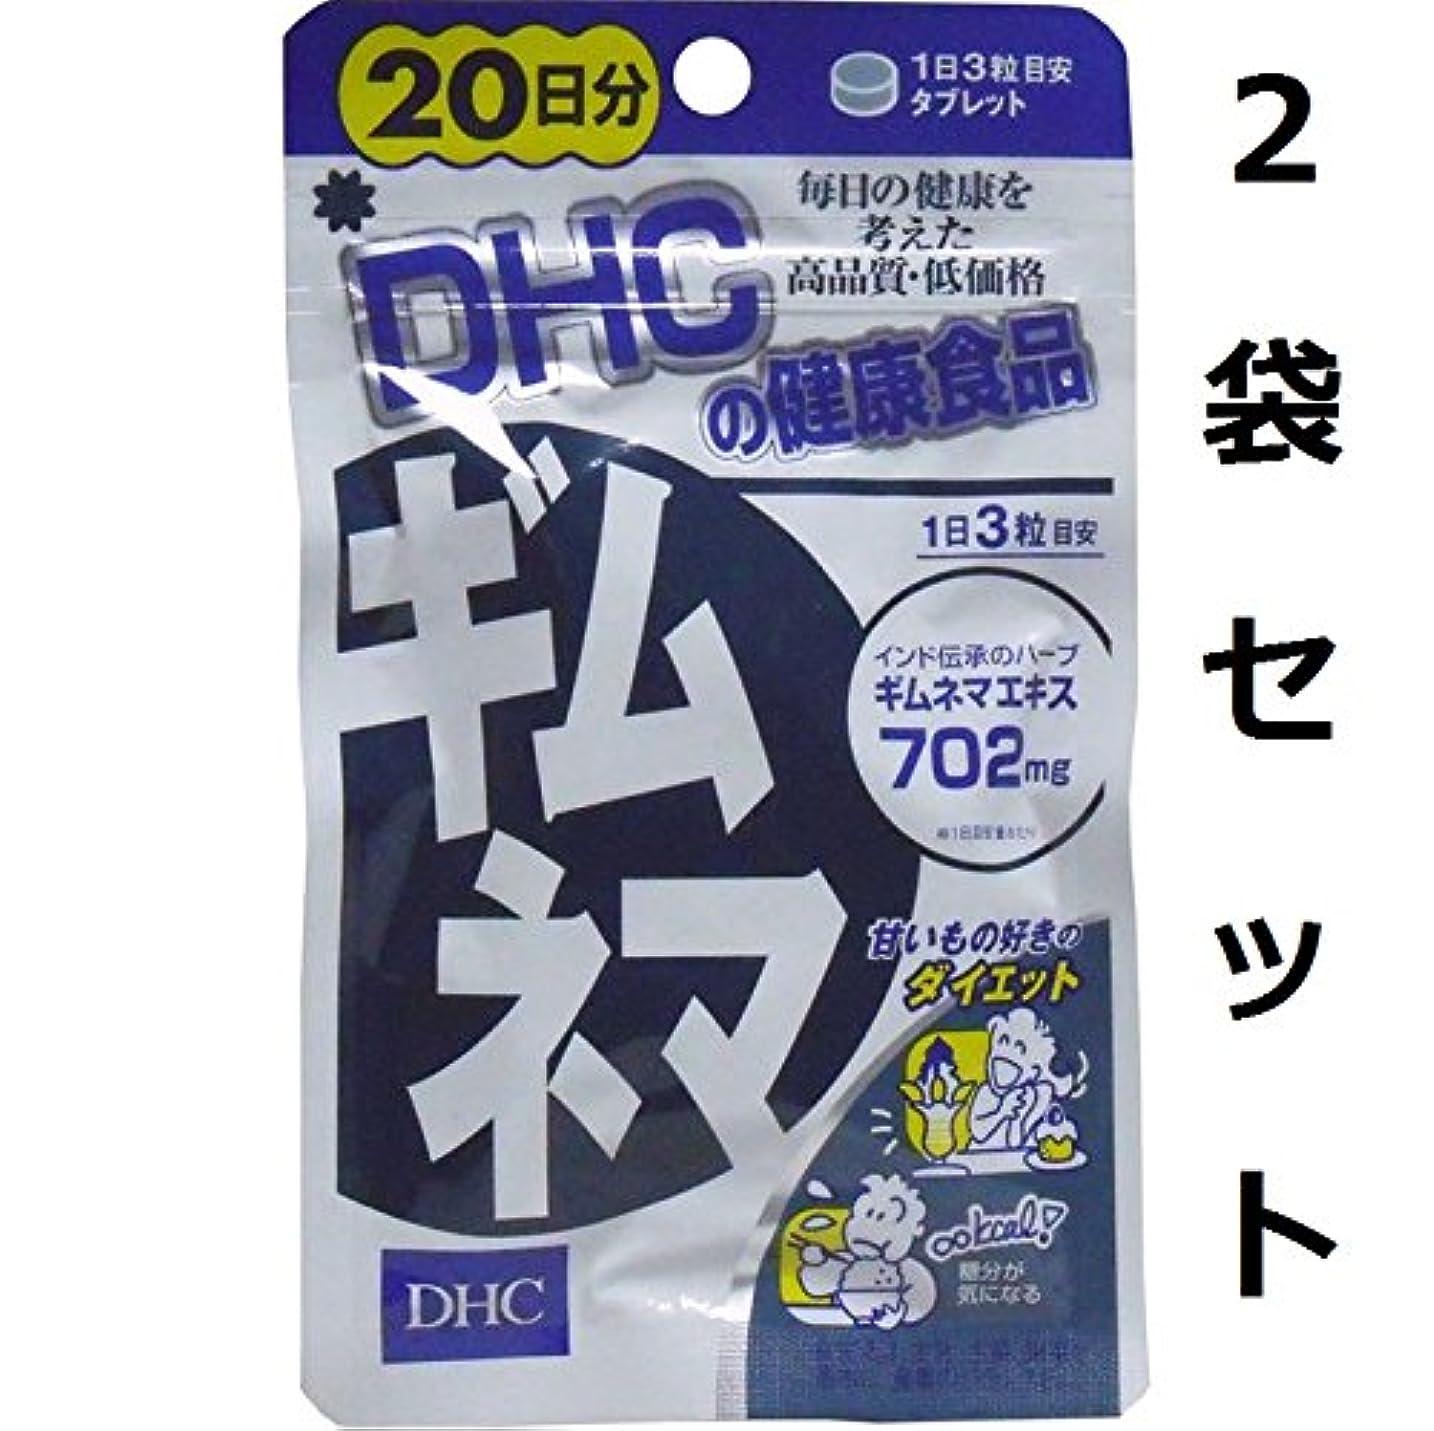 世界的に健康的製油所我慢せずに余分な糖分をブロック DHC ギムネマ 20日分 60粒 2袋セット